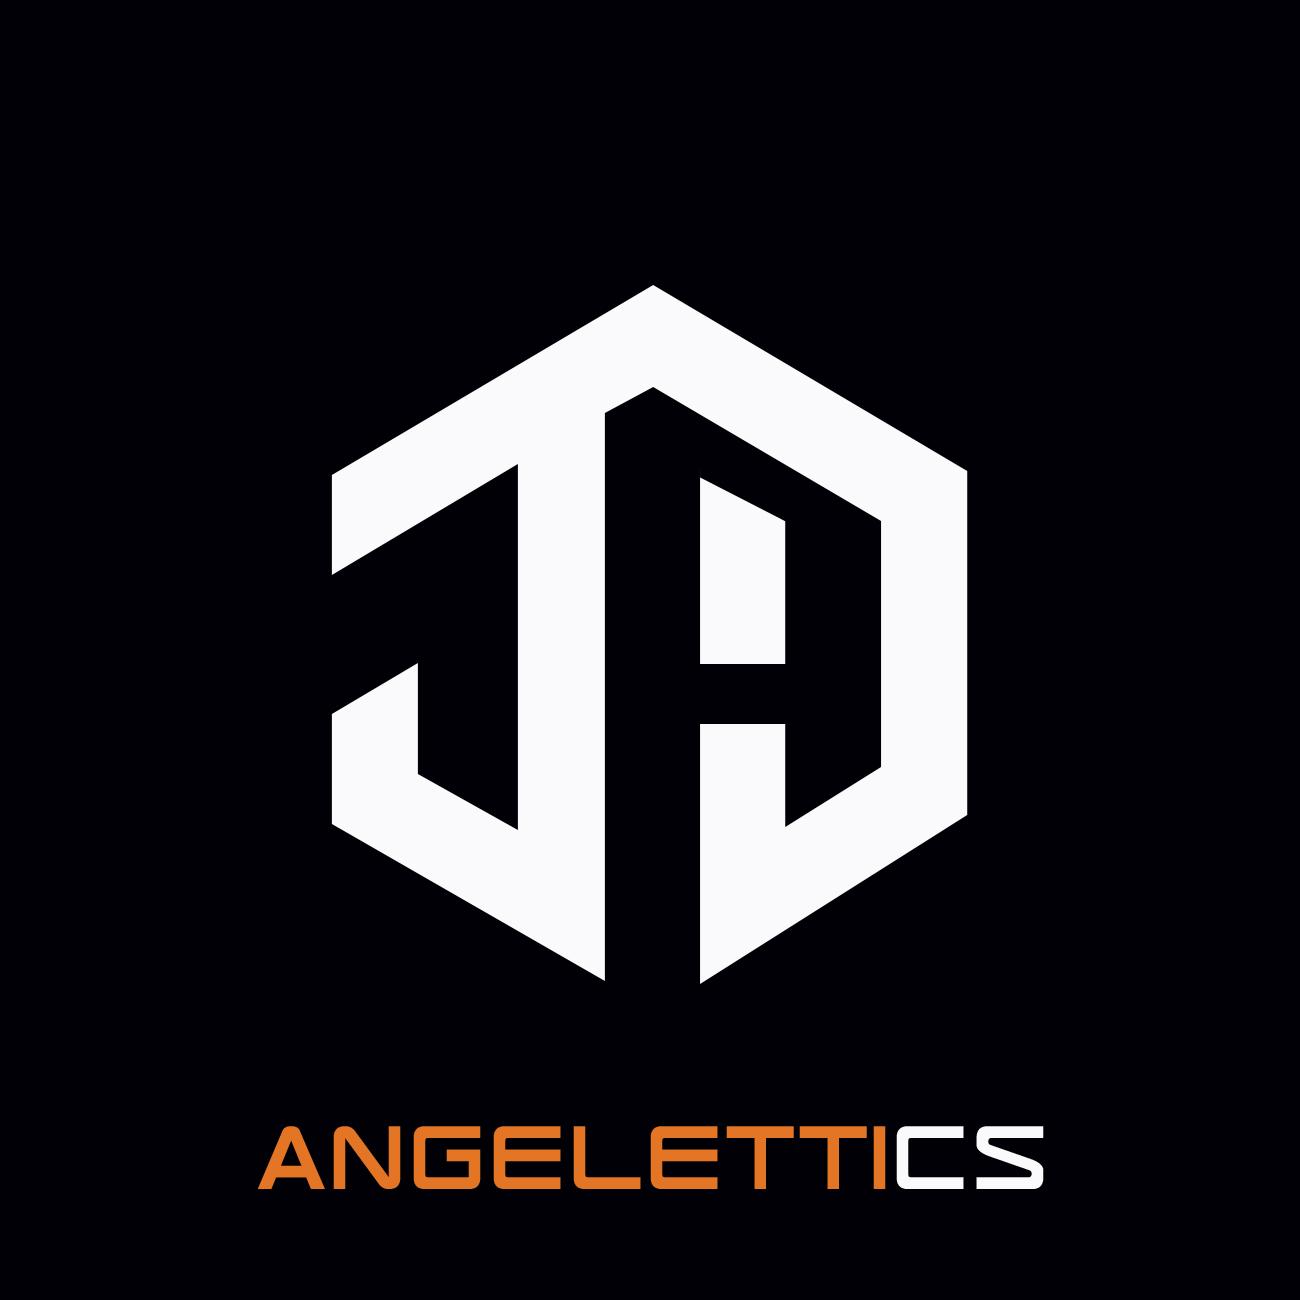 angelettics-ernaehrung.de